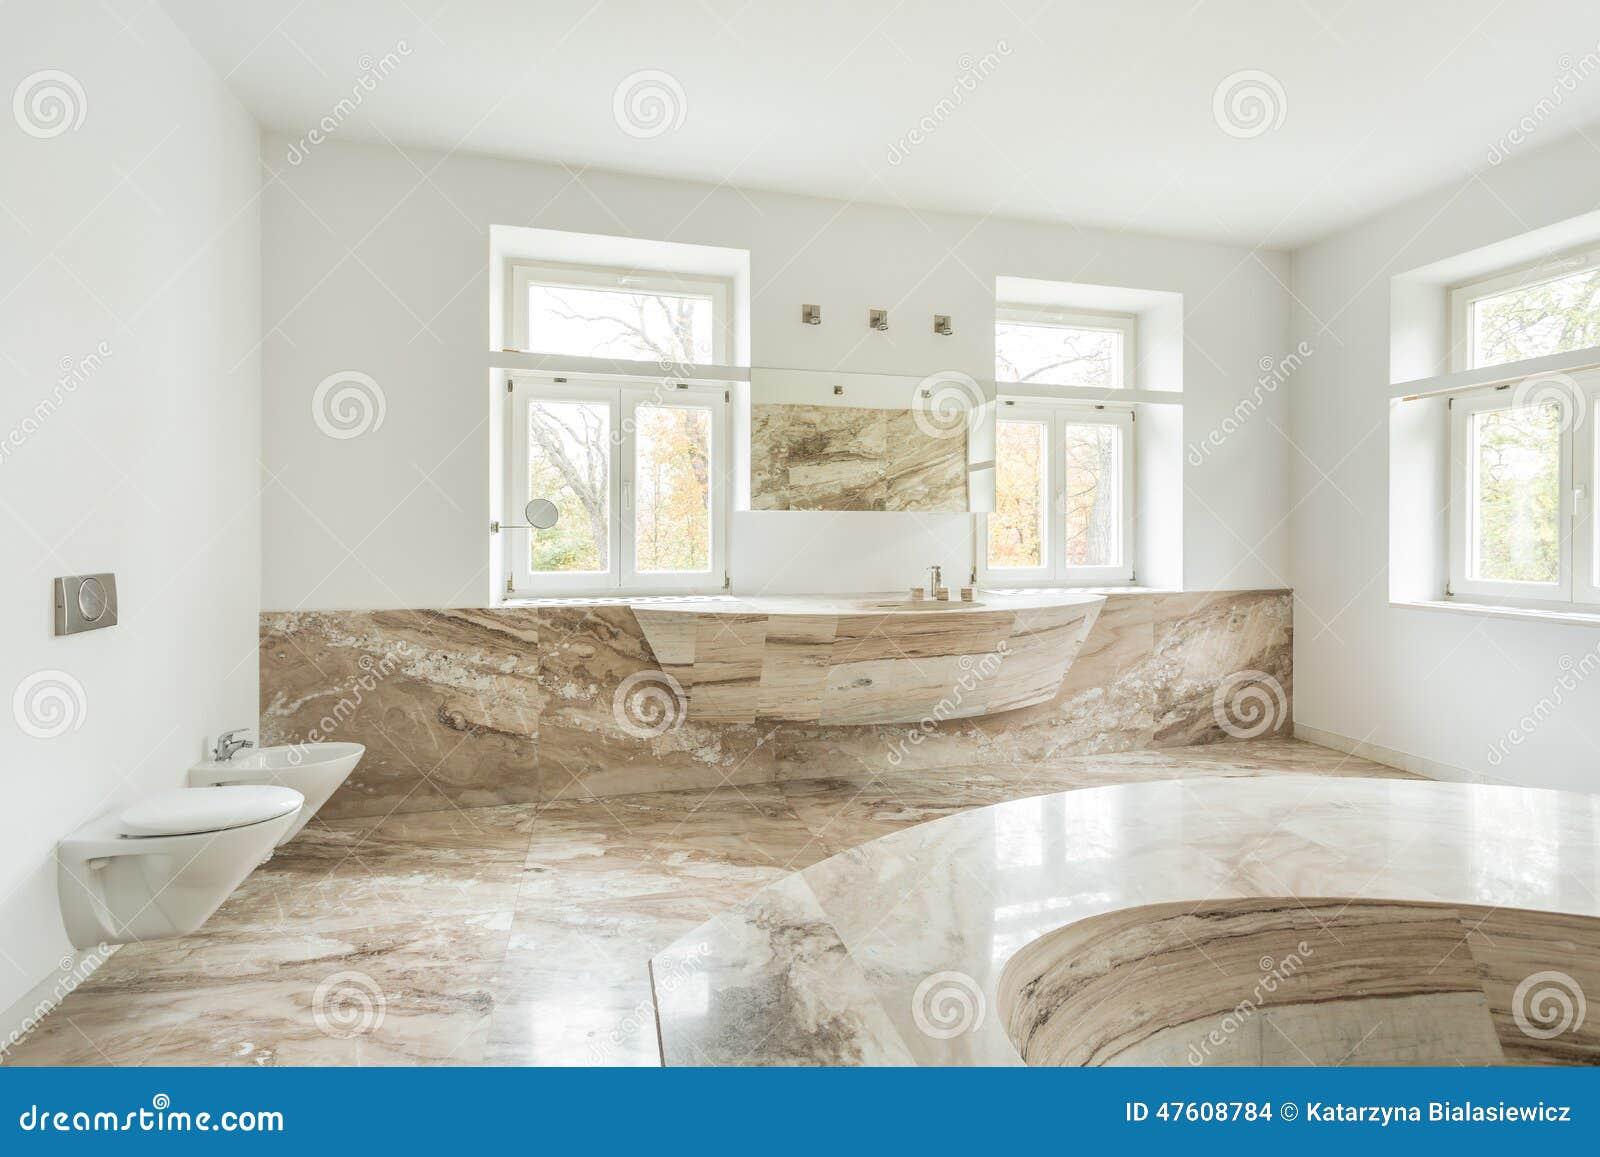 Teures Badezimmer Mit Marmorboden Stockfoto - Bild von klassisch